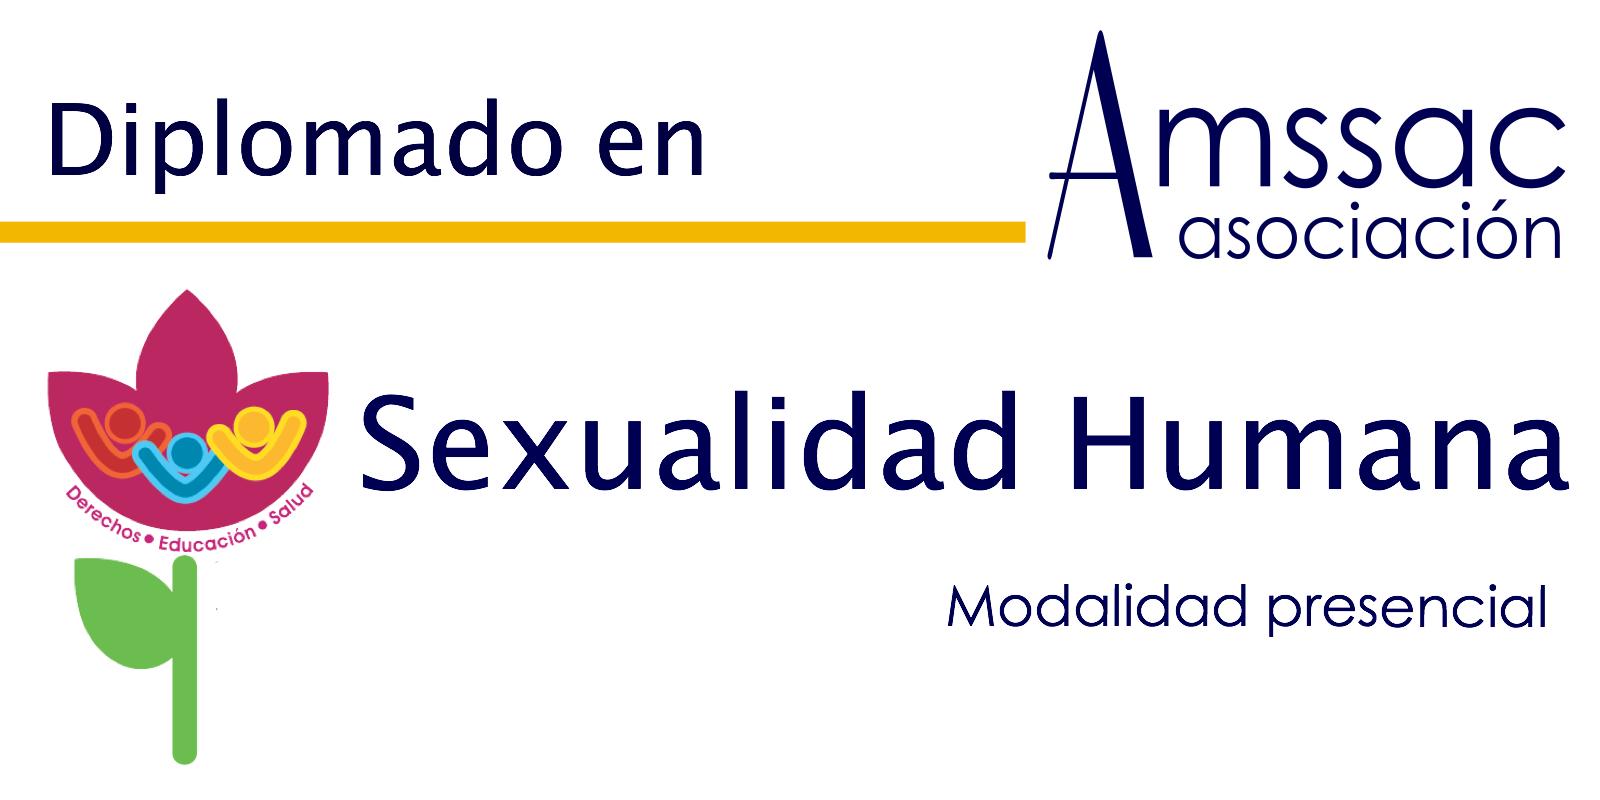 Diplomado en Sexualidad Humana | Modalidad presencial | Amssac ...